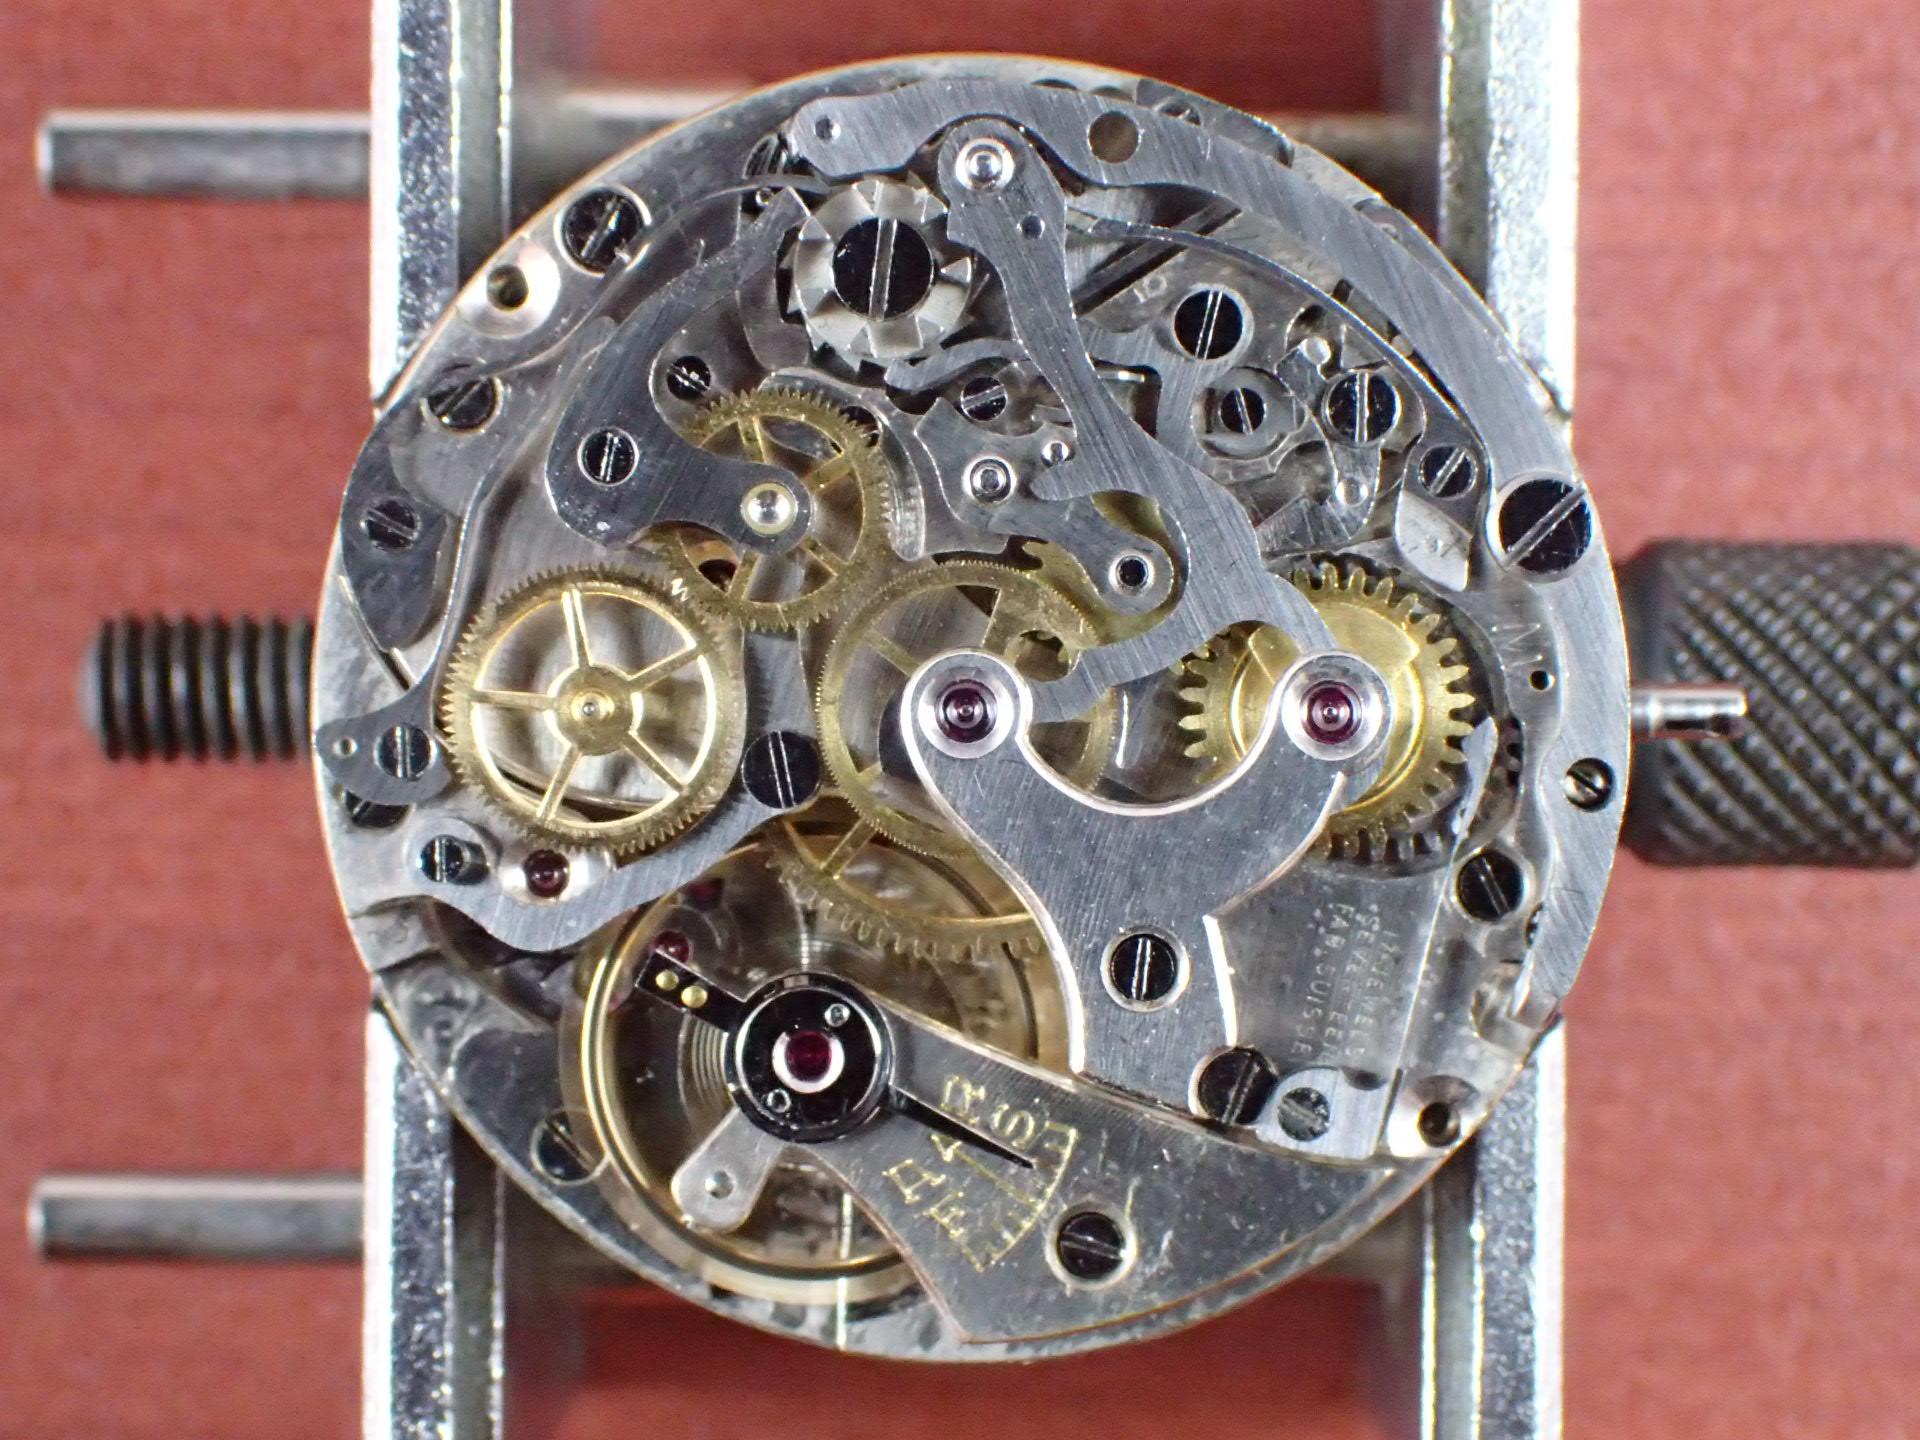 無銘 クロノグラフ Cal.Venus150 クラムシェルケース 1940年代の写真5枚目